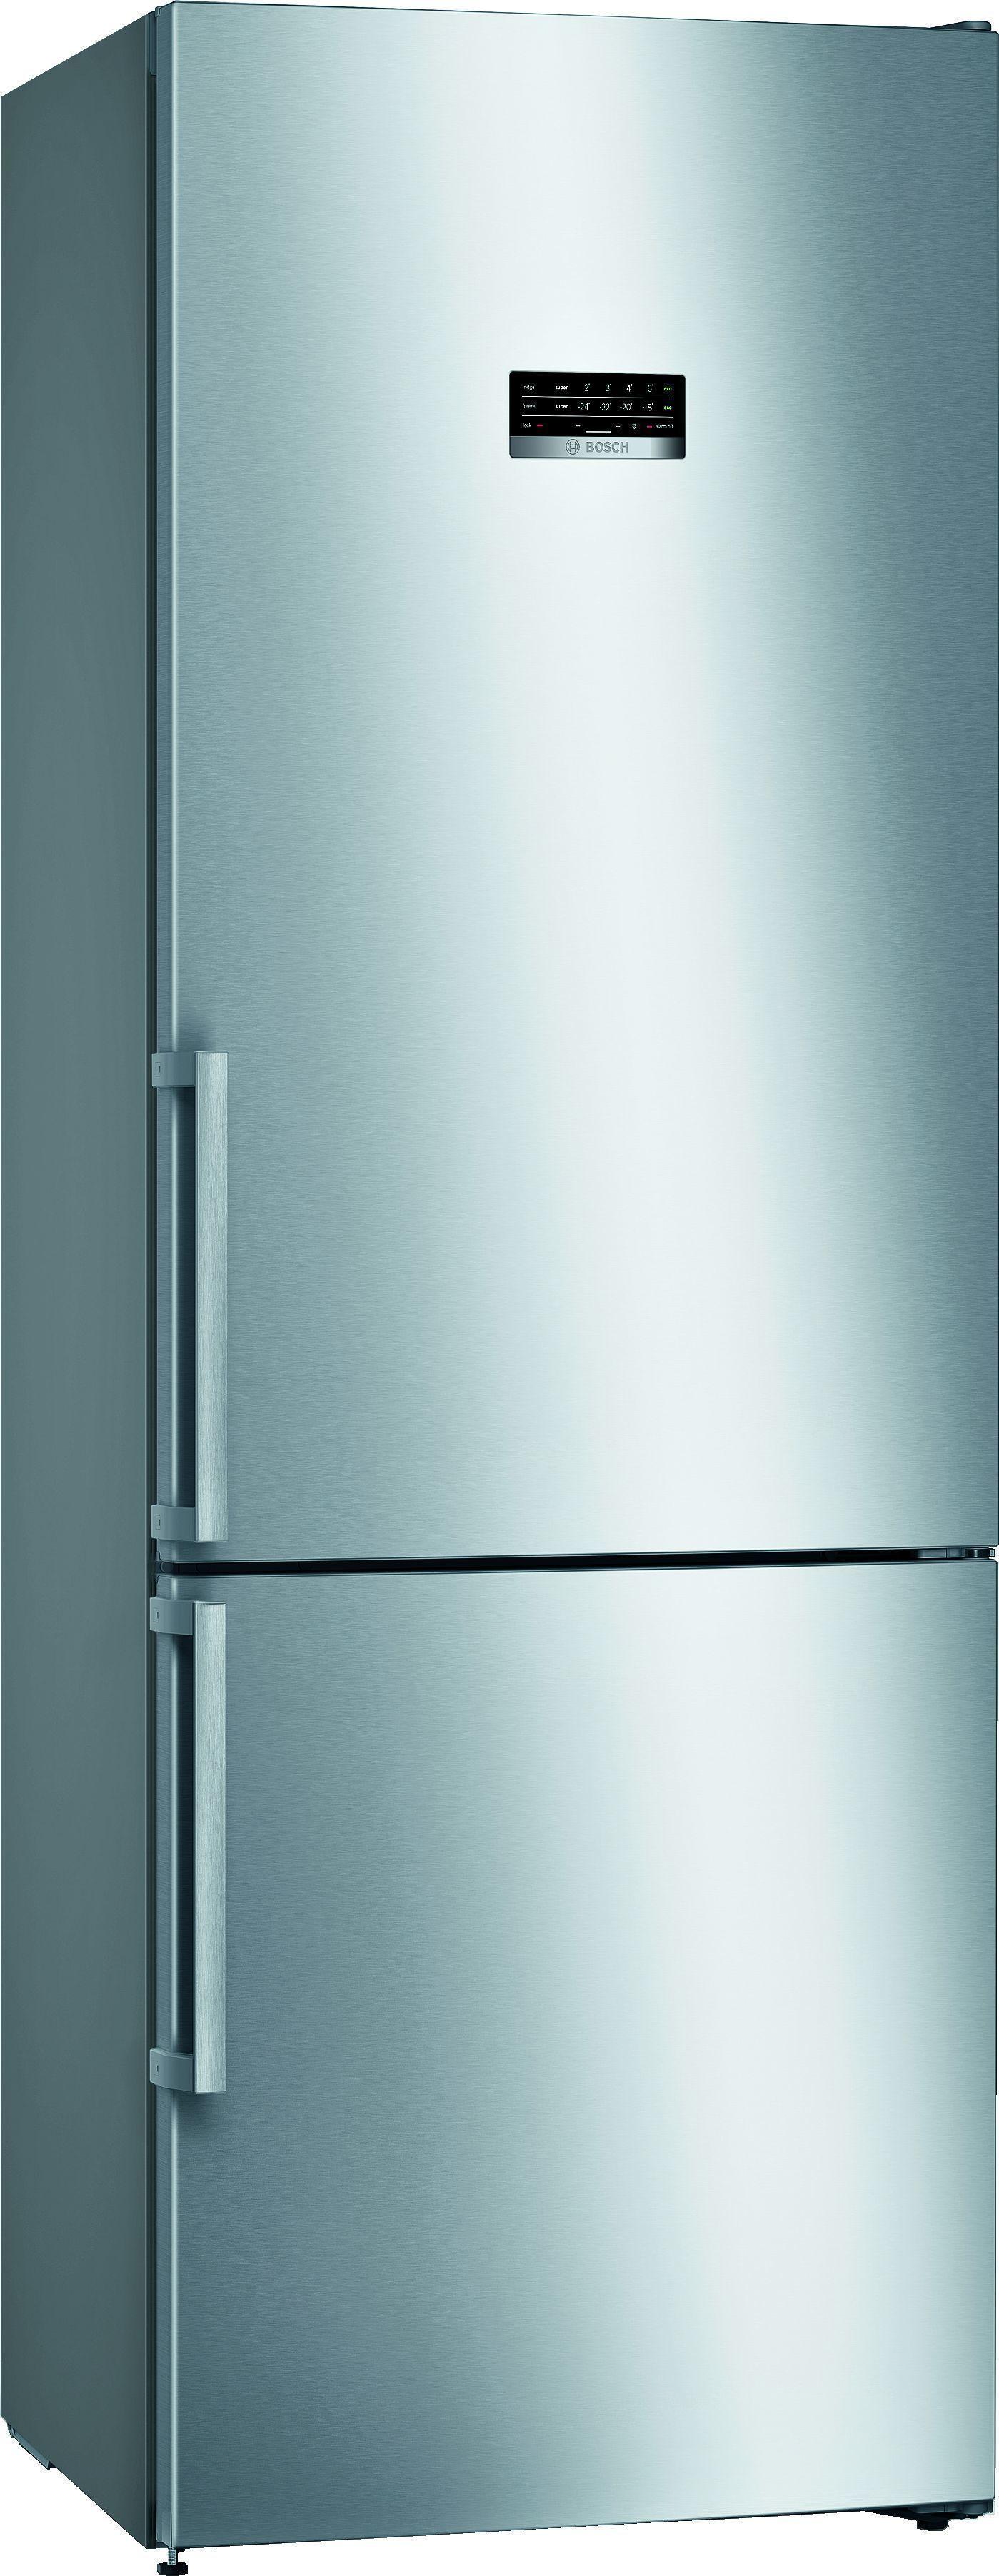 Frigorifico Bosch KGN49XIEP Combi 203 Nf Ix A+++